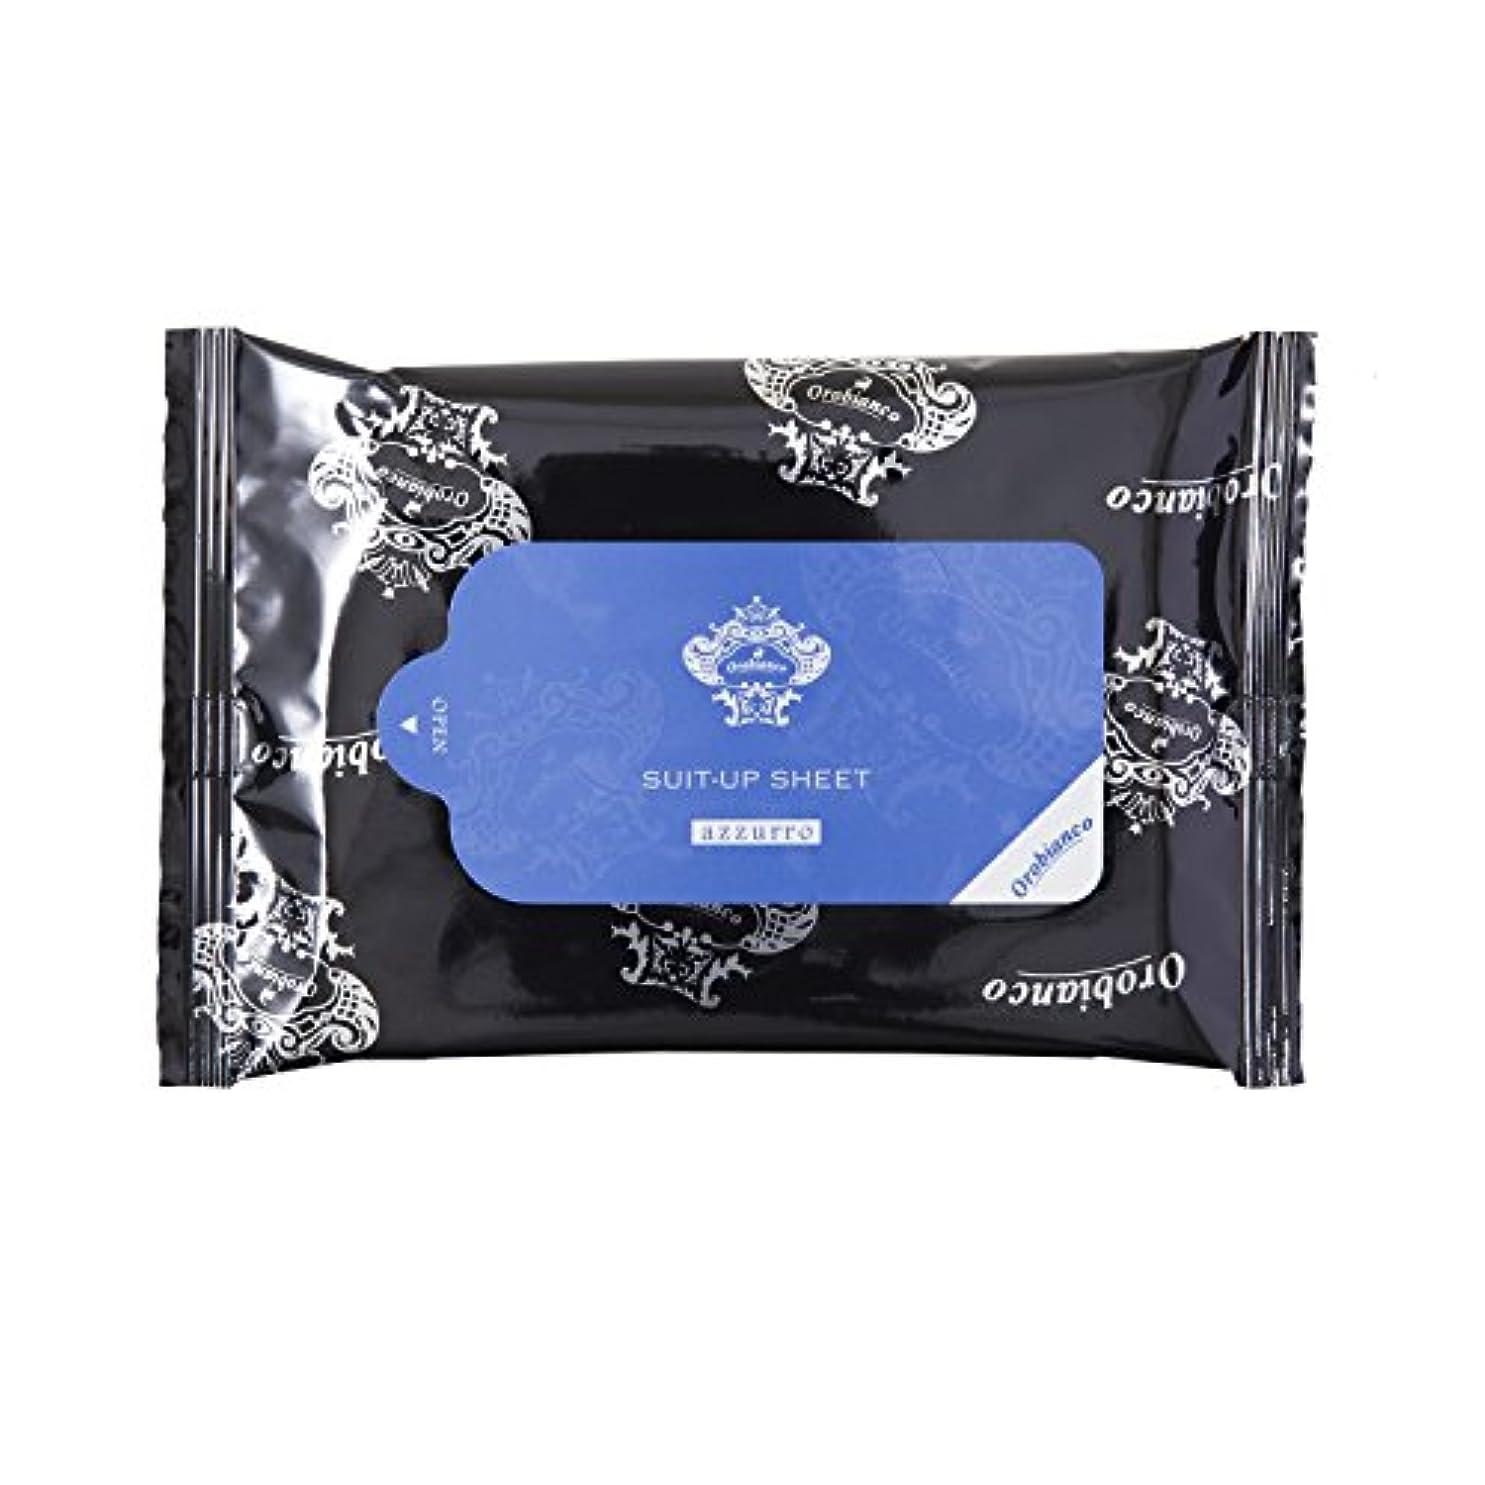 薄汚い統治可能ボーナスOrobianco オロビアンコ スーツアップシート azzurro(アズーロ) 12枚入